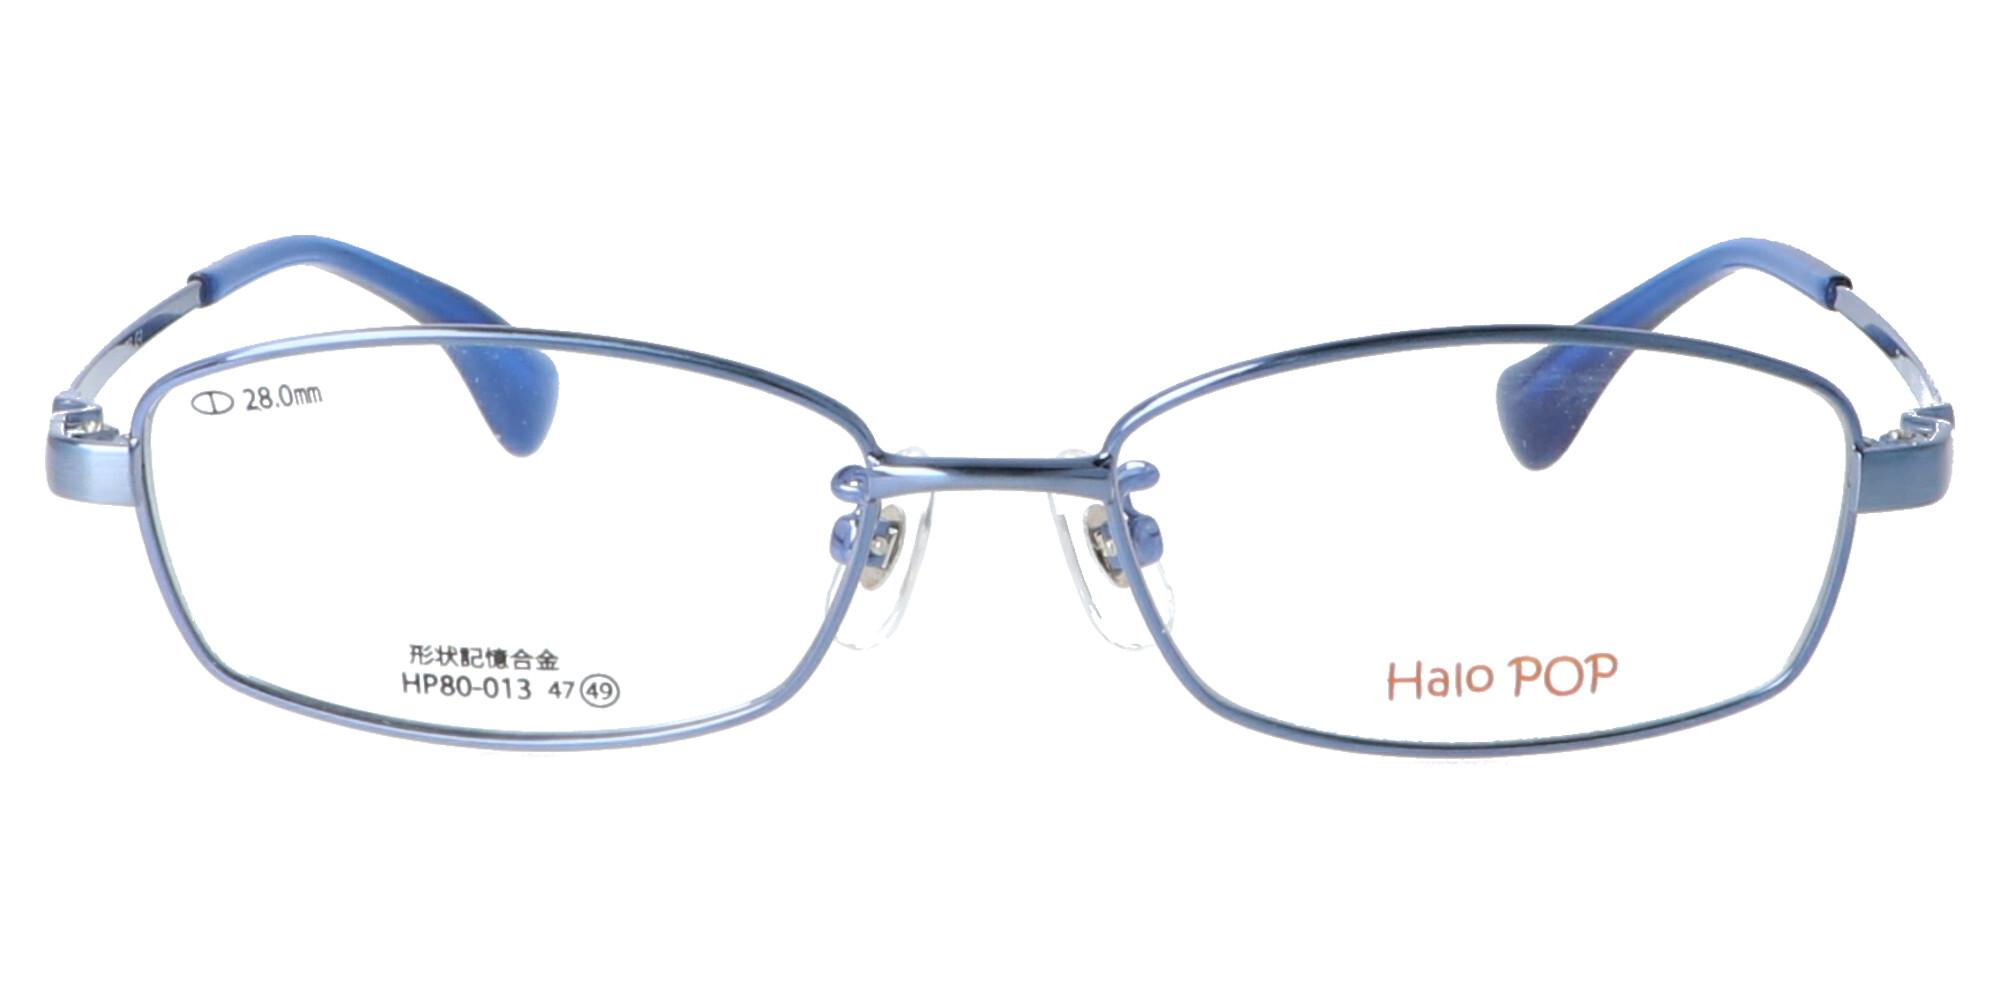 ハローポップ HP80-013_49_シャーリンググレイッシュブルー